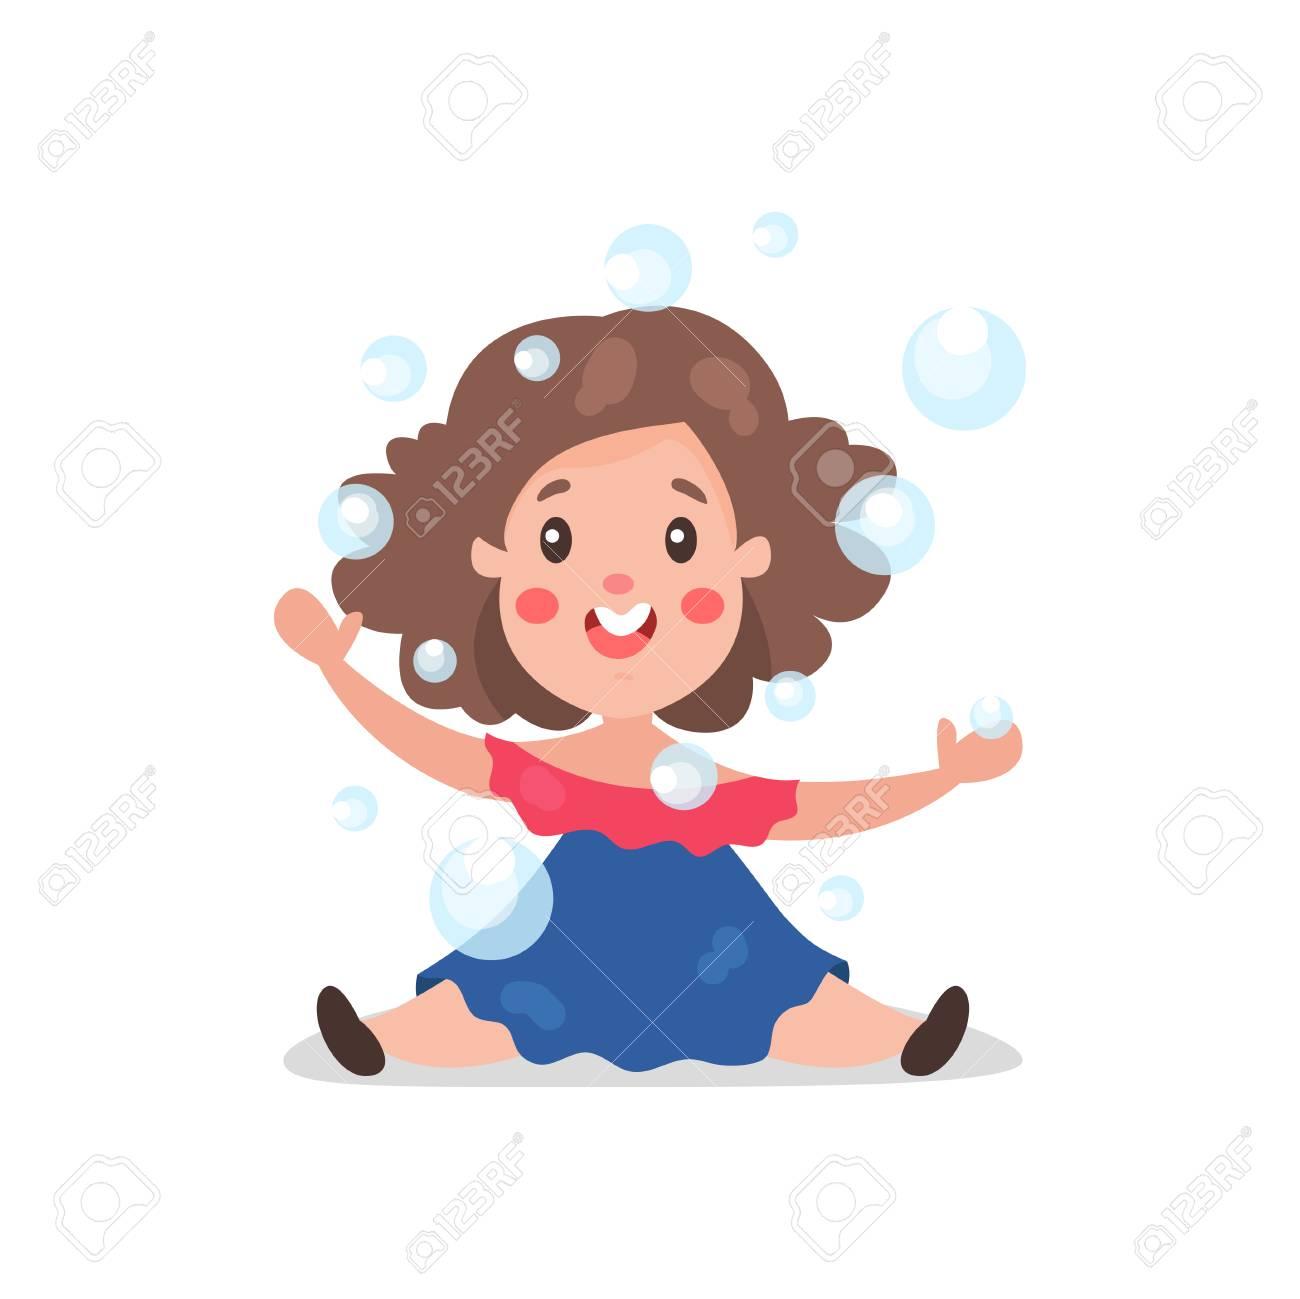 Brunette De Dessin Animé Doux Petite Fille S Amuser à Jouer Avec Des Bulles De Savon Vector Illustration